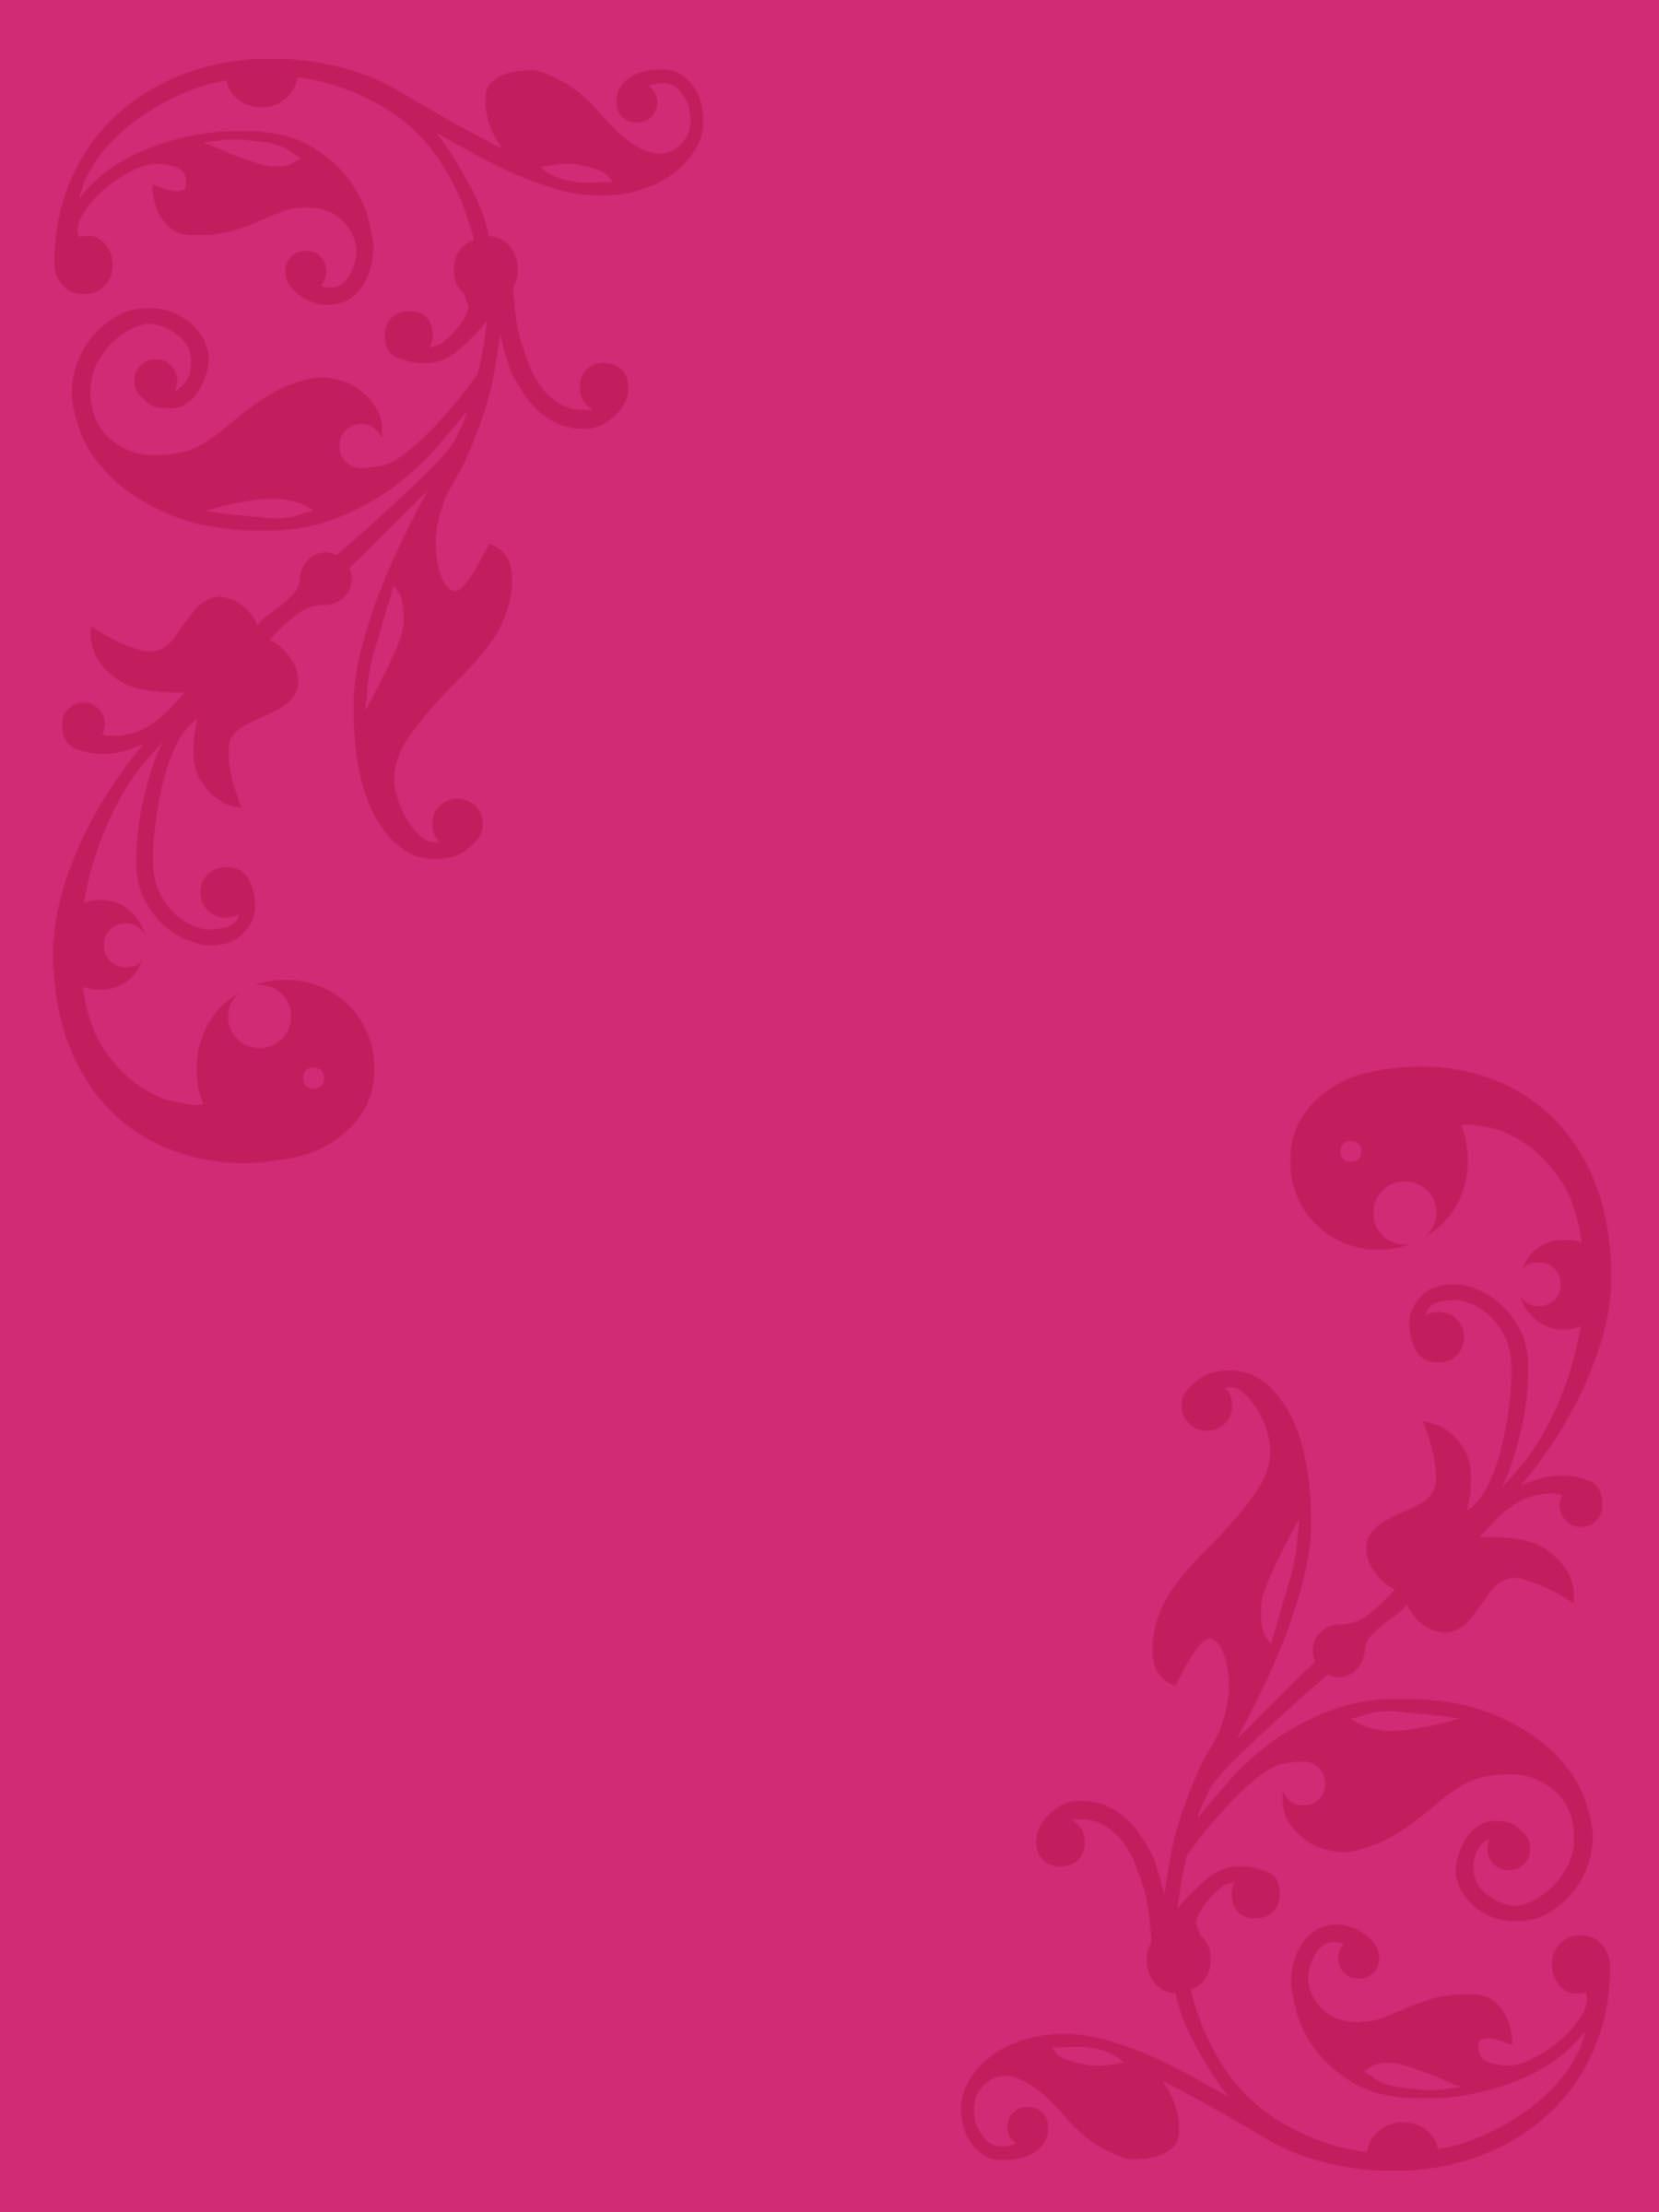 PINK DK.jpg